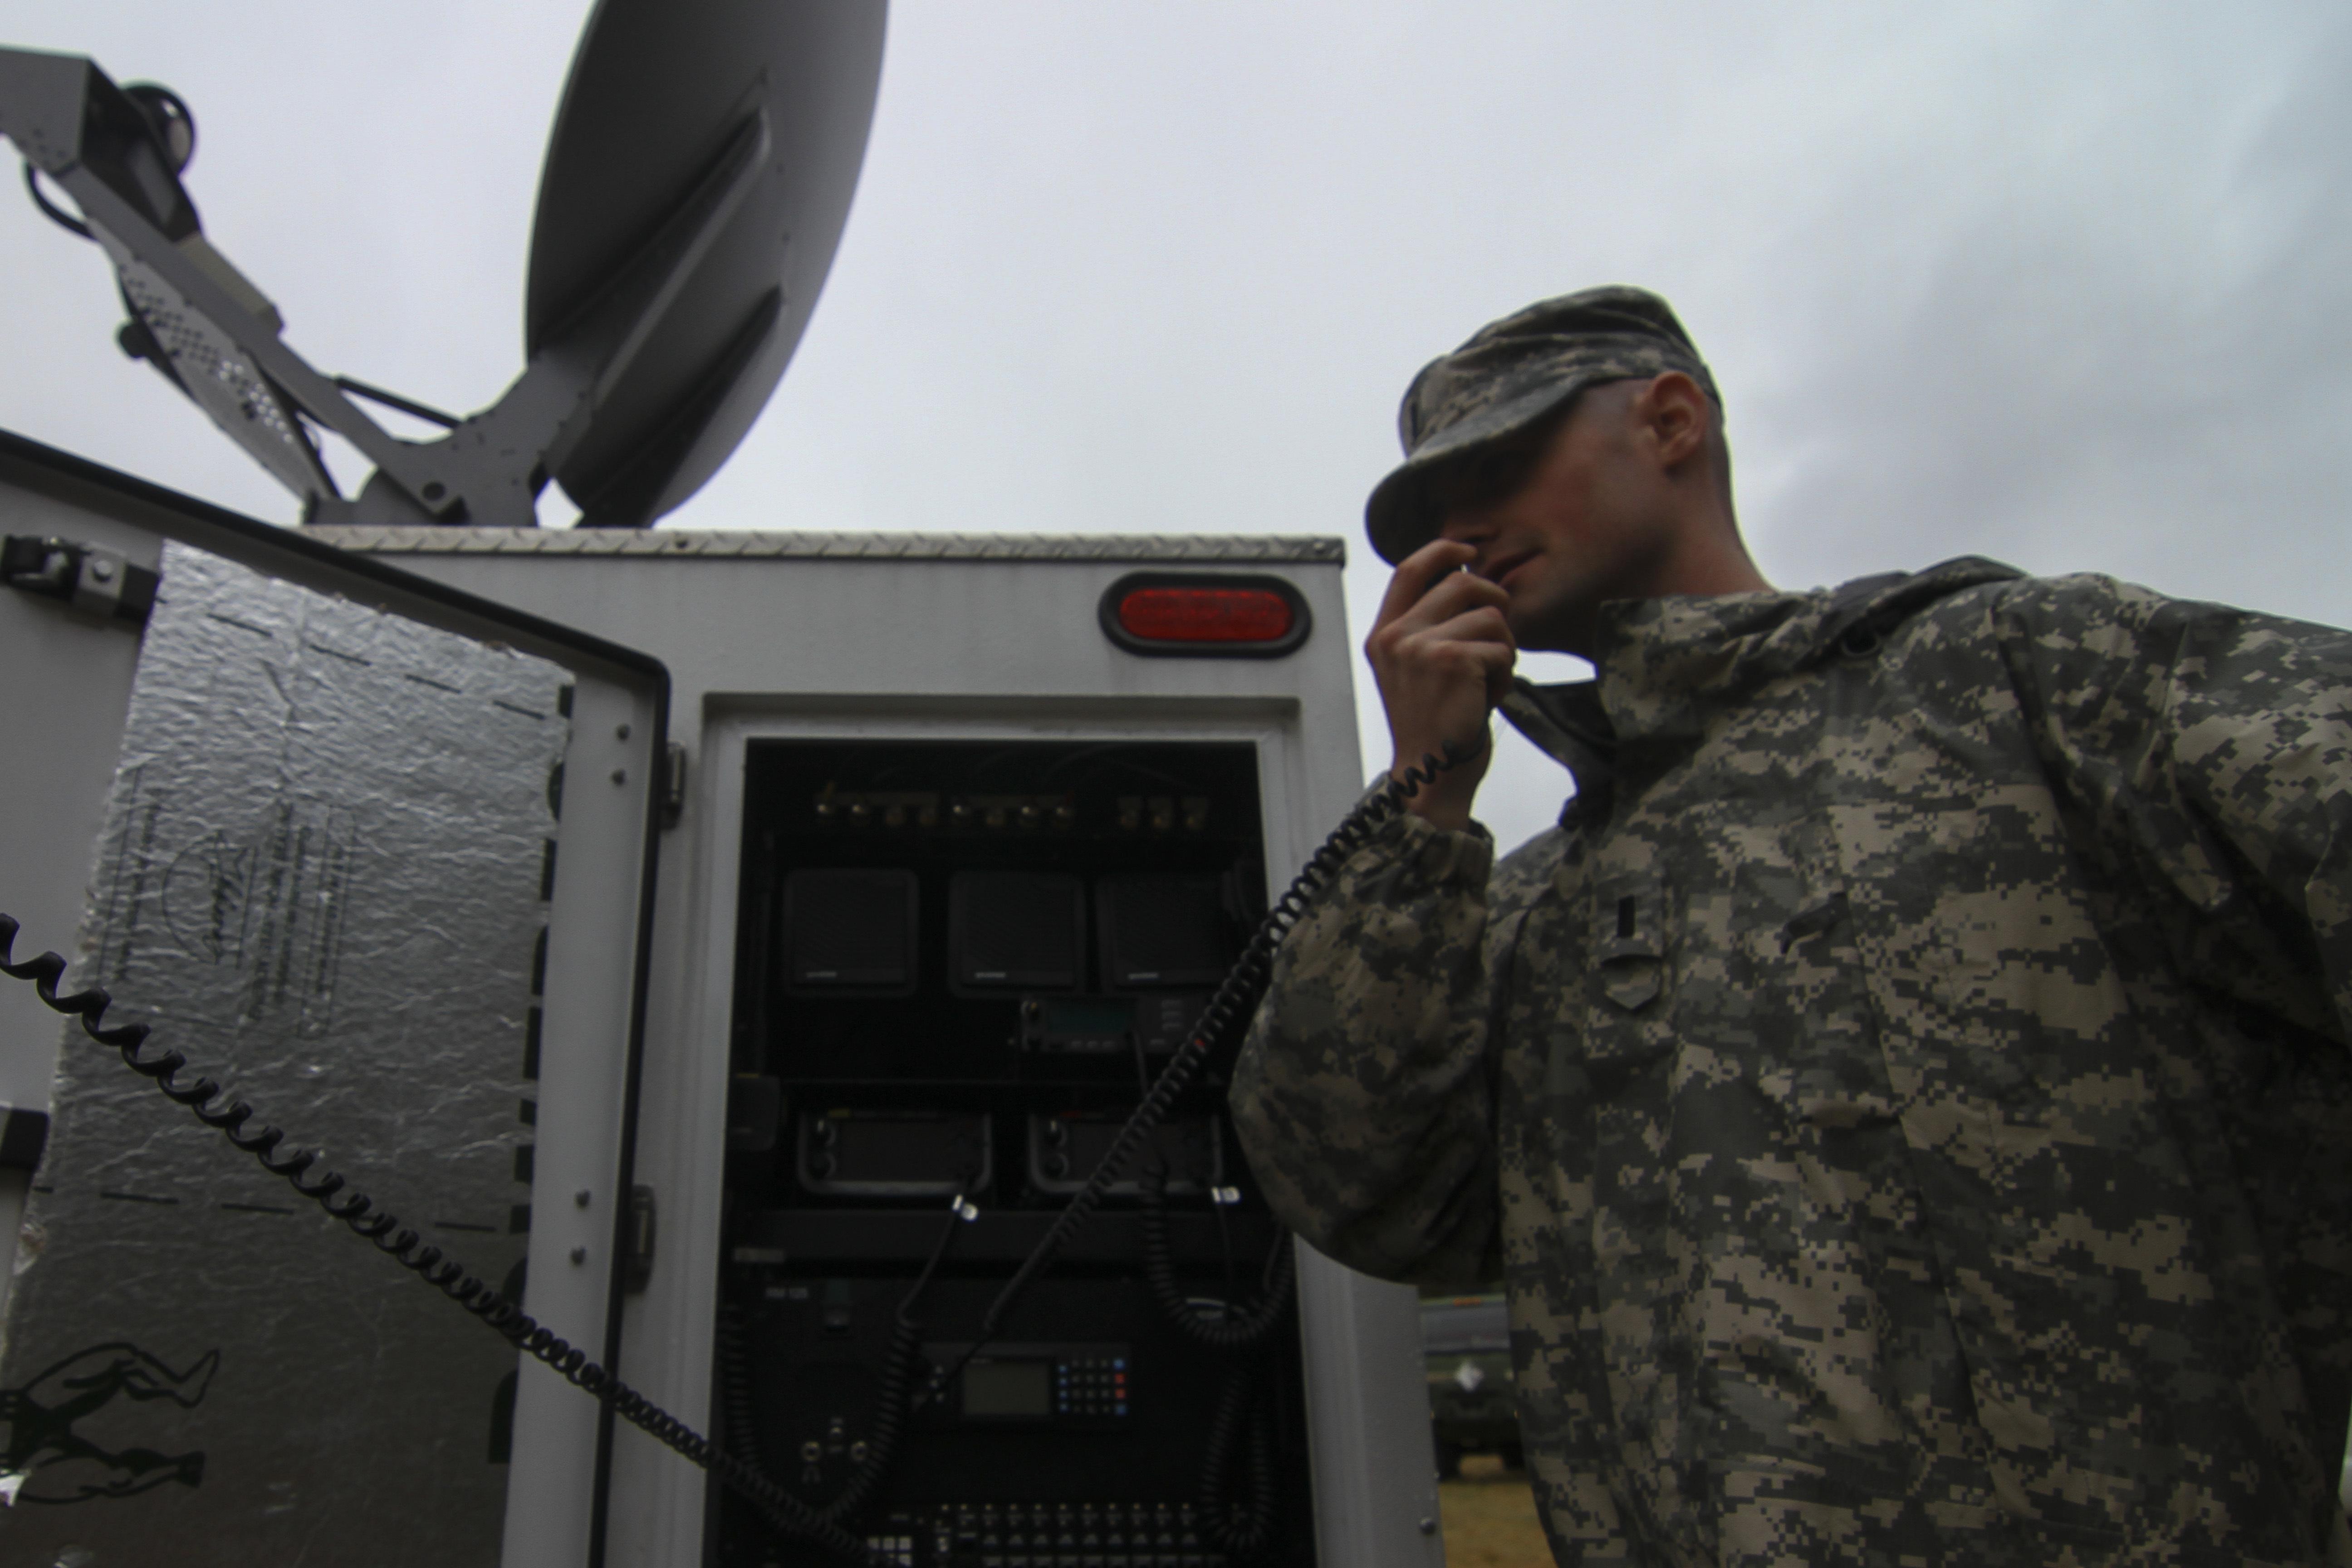 West virginia army base